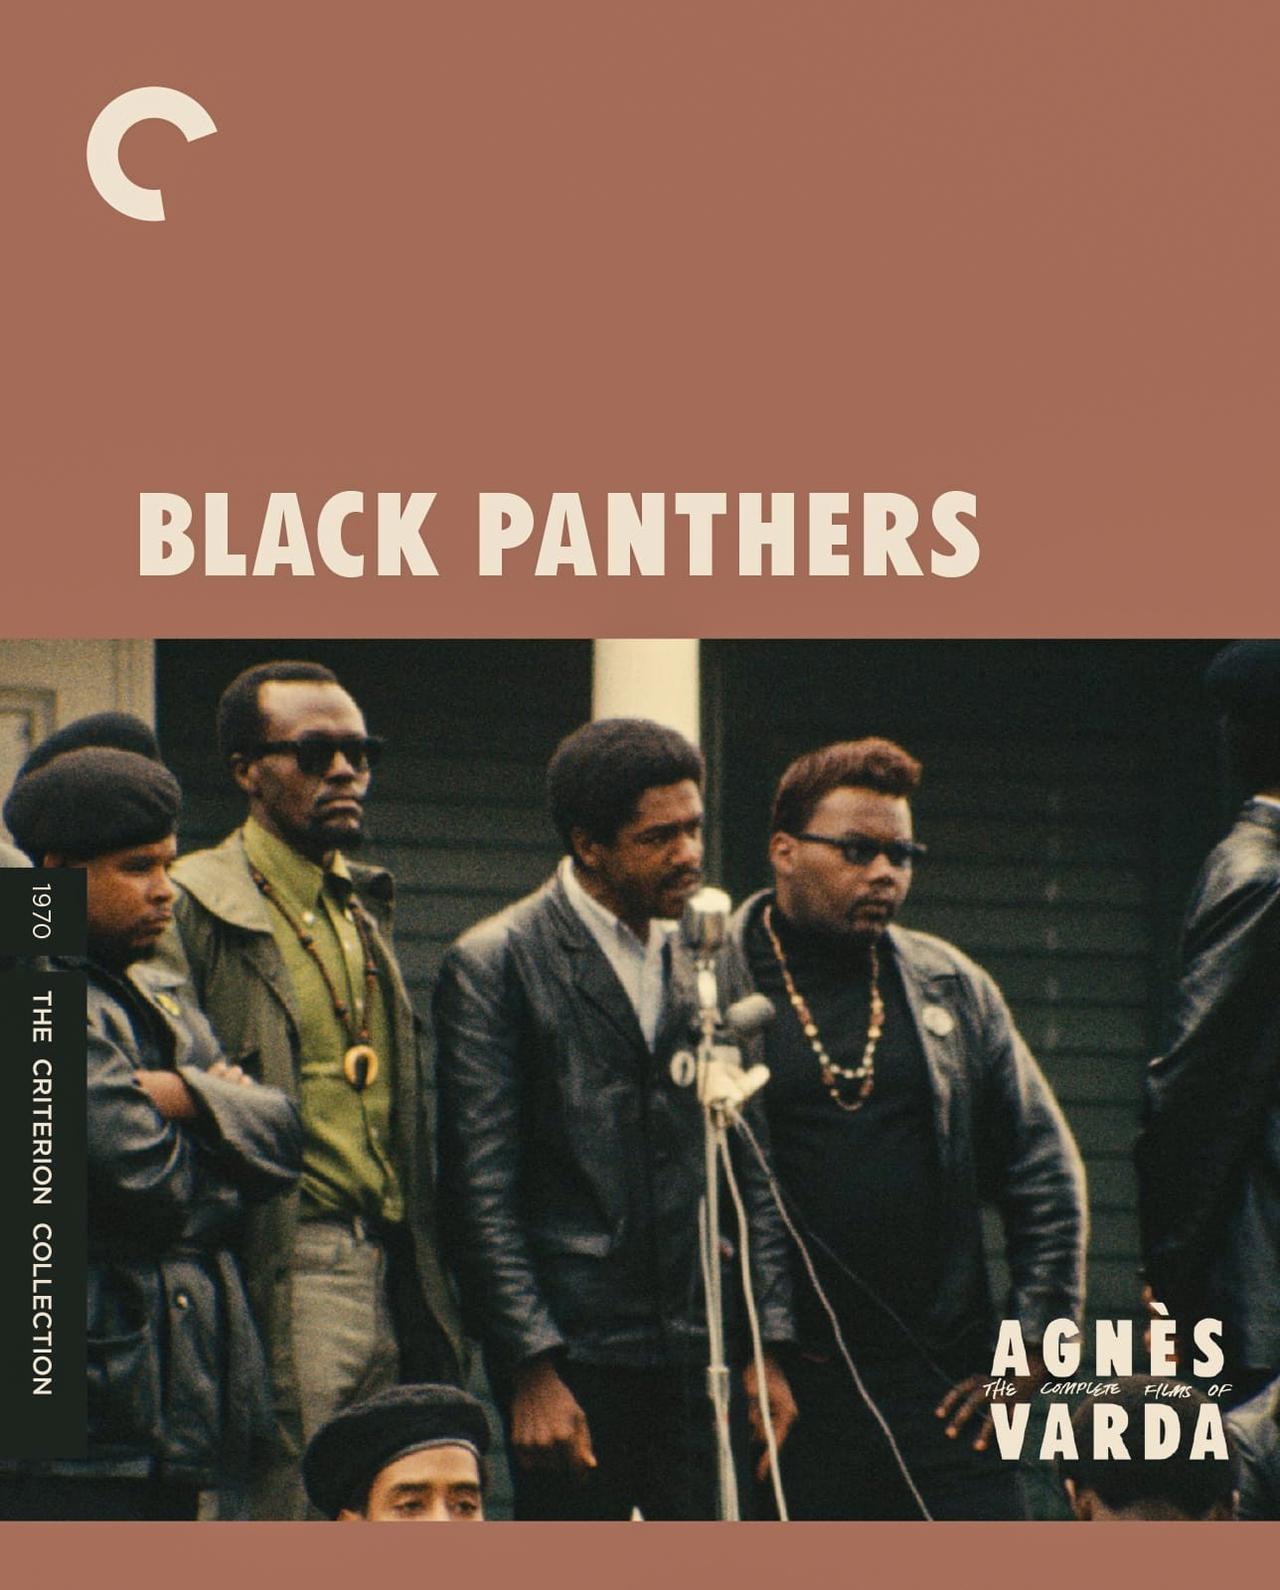 画像: BLACK PANTHERS (1969) ブラック・パンサー